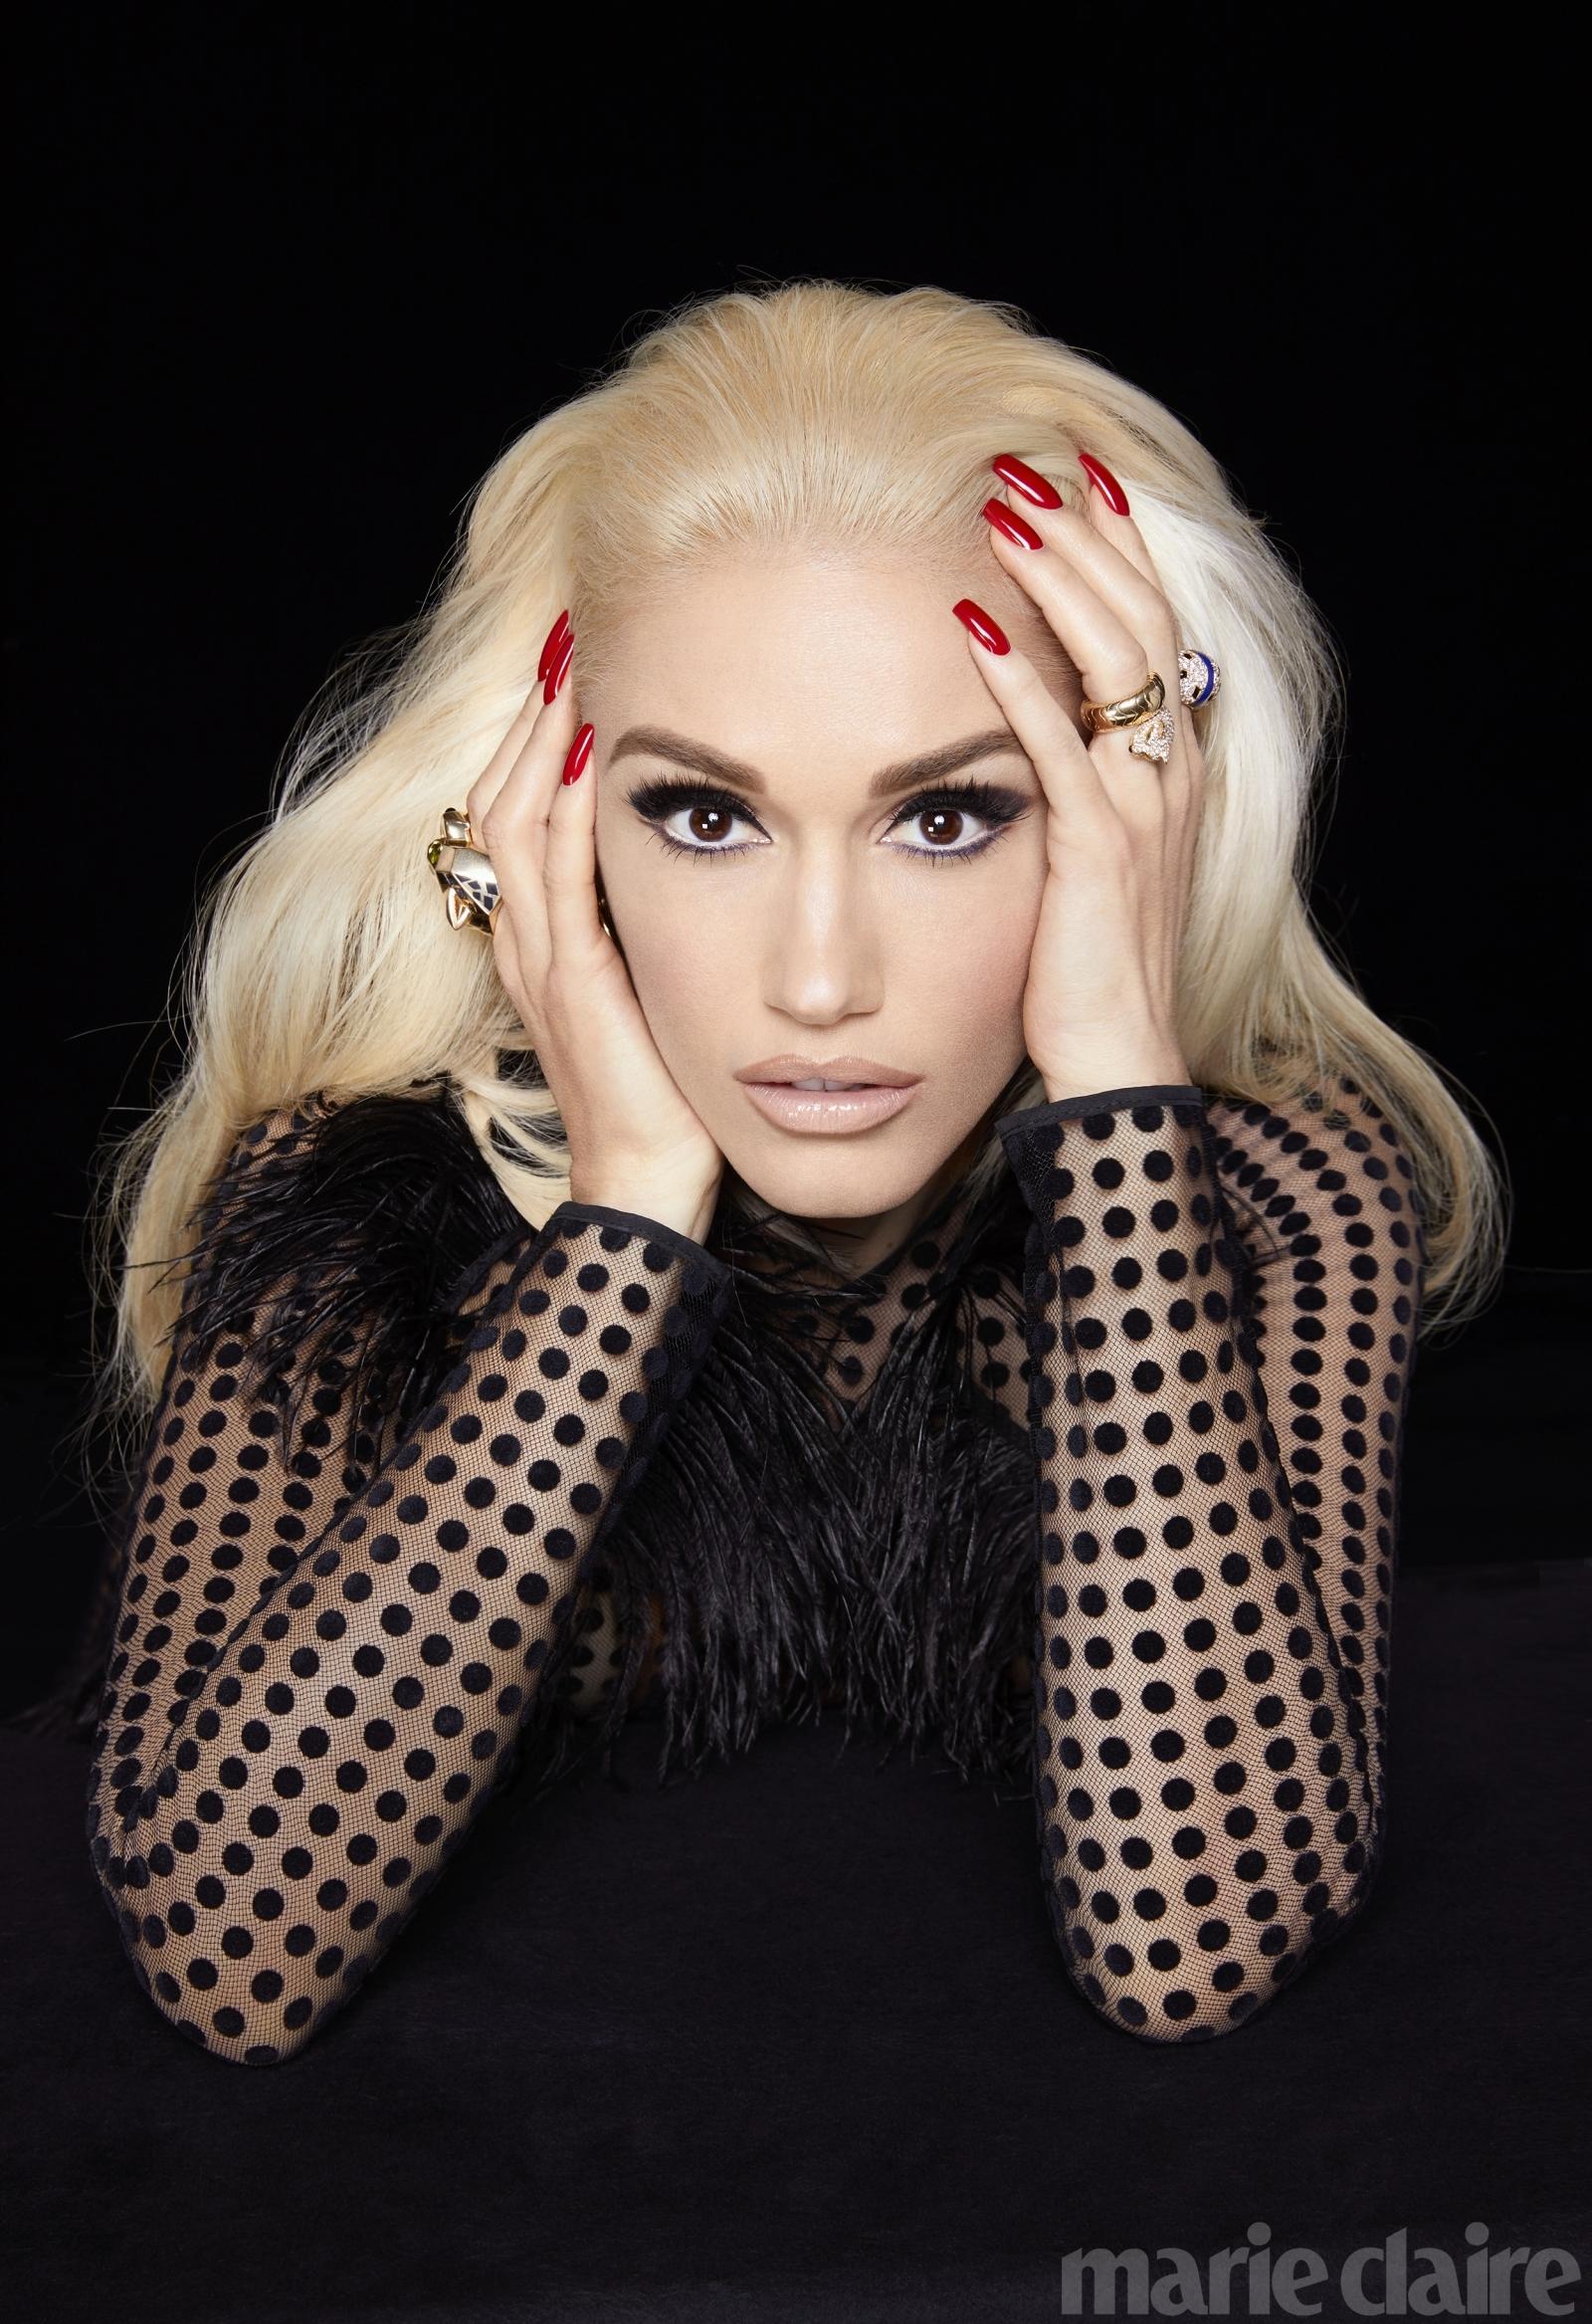 Gwen Stefani opens up about Gavin Rossdale heartbreak in ... Gwen Stefani